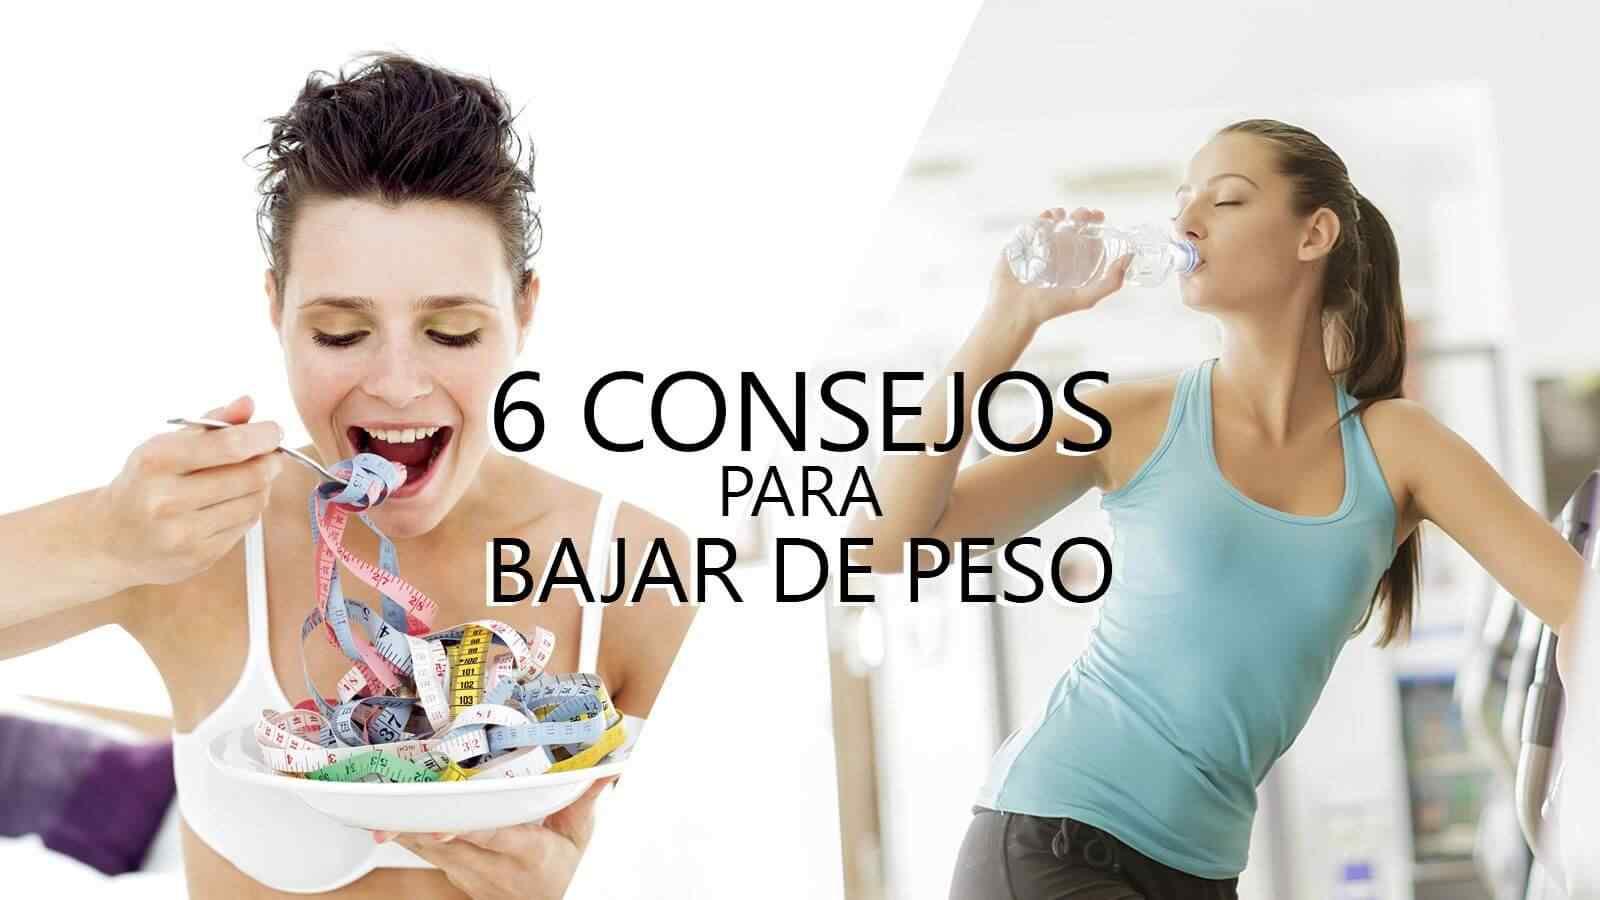 6 Consejos sanos para bajar de peso